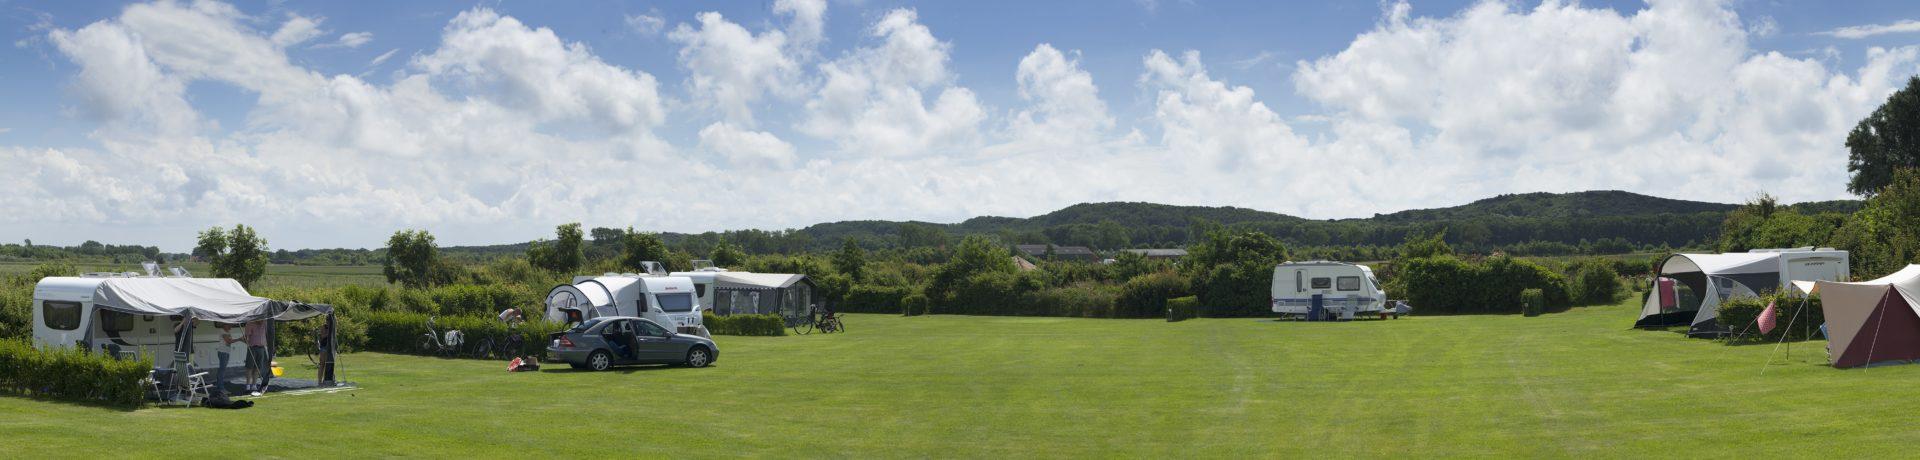 Camping & Kloostertuin Werendijke, luxe en duurzame minicamping in Zoutelande in het bezit van de Gouden Zoover Award en Green Key milieucertificering.